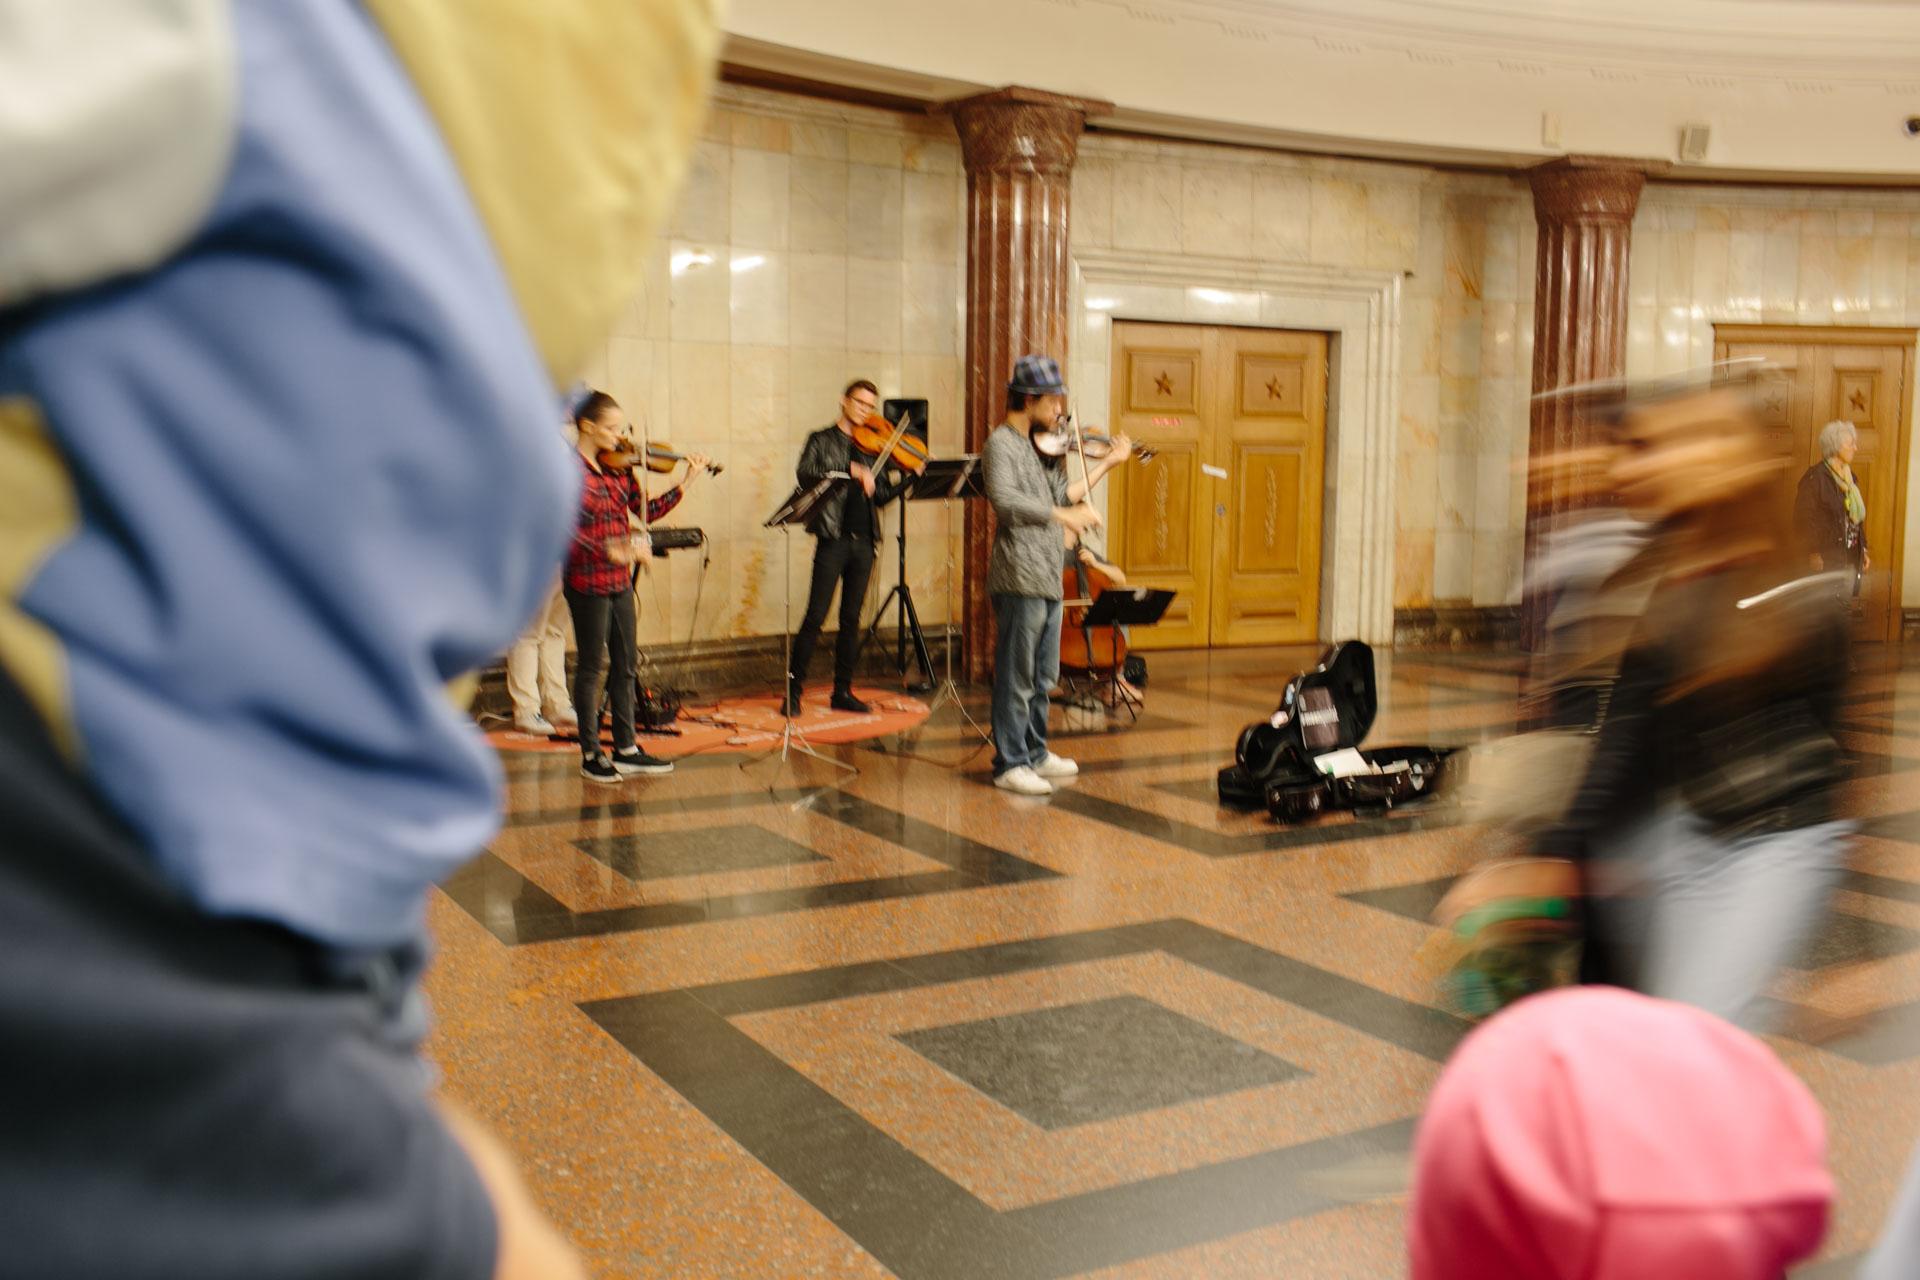 Концерт в вестибюле станции метро «Курская», достаточно известное место. Это наша станция. Дальше мы идём пешком до дома, достаточно далеко. Скрипач на переднем плане, ещё двое сзади, ноги, видимо, ещё одного музыканта. Люди спешат, кто-то останавливается и слушает. Мы остановились и сделали эту фотографию. Пора заваривать чай.